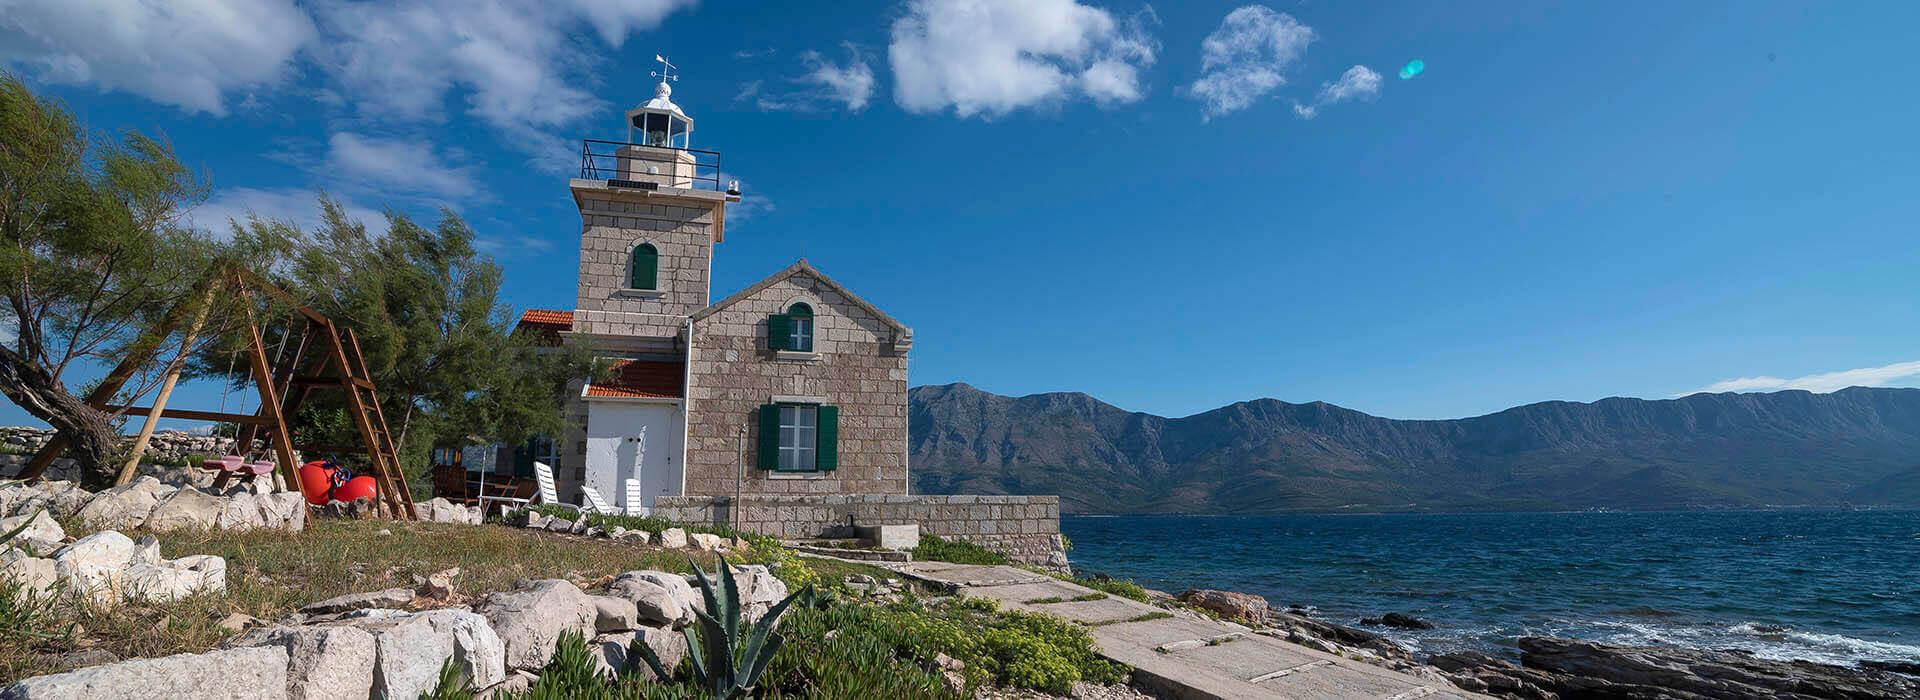 Kuća Za Odmor, Sućuraj, Otok Hvar, Hrvatska - slika2